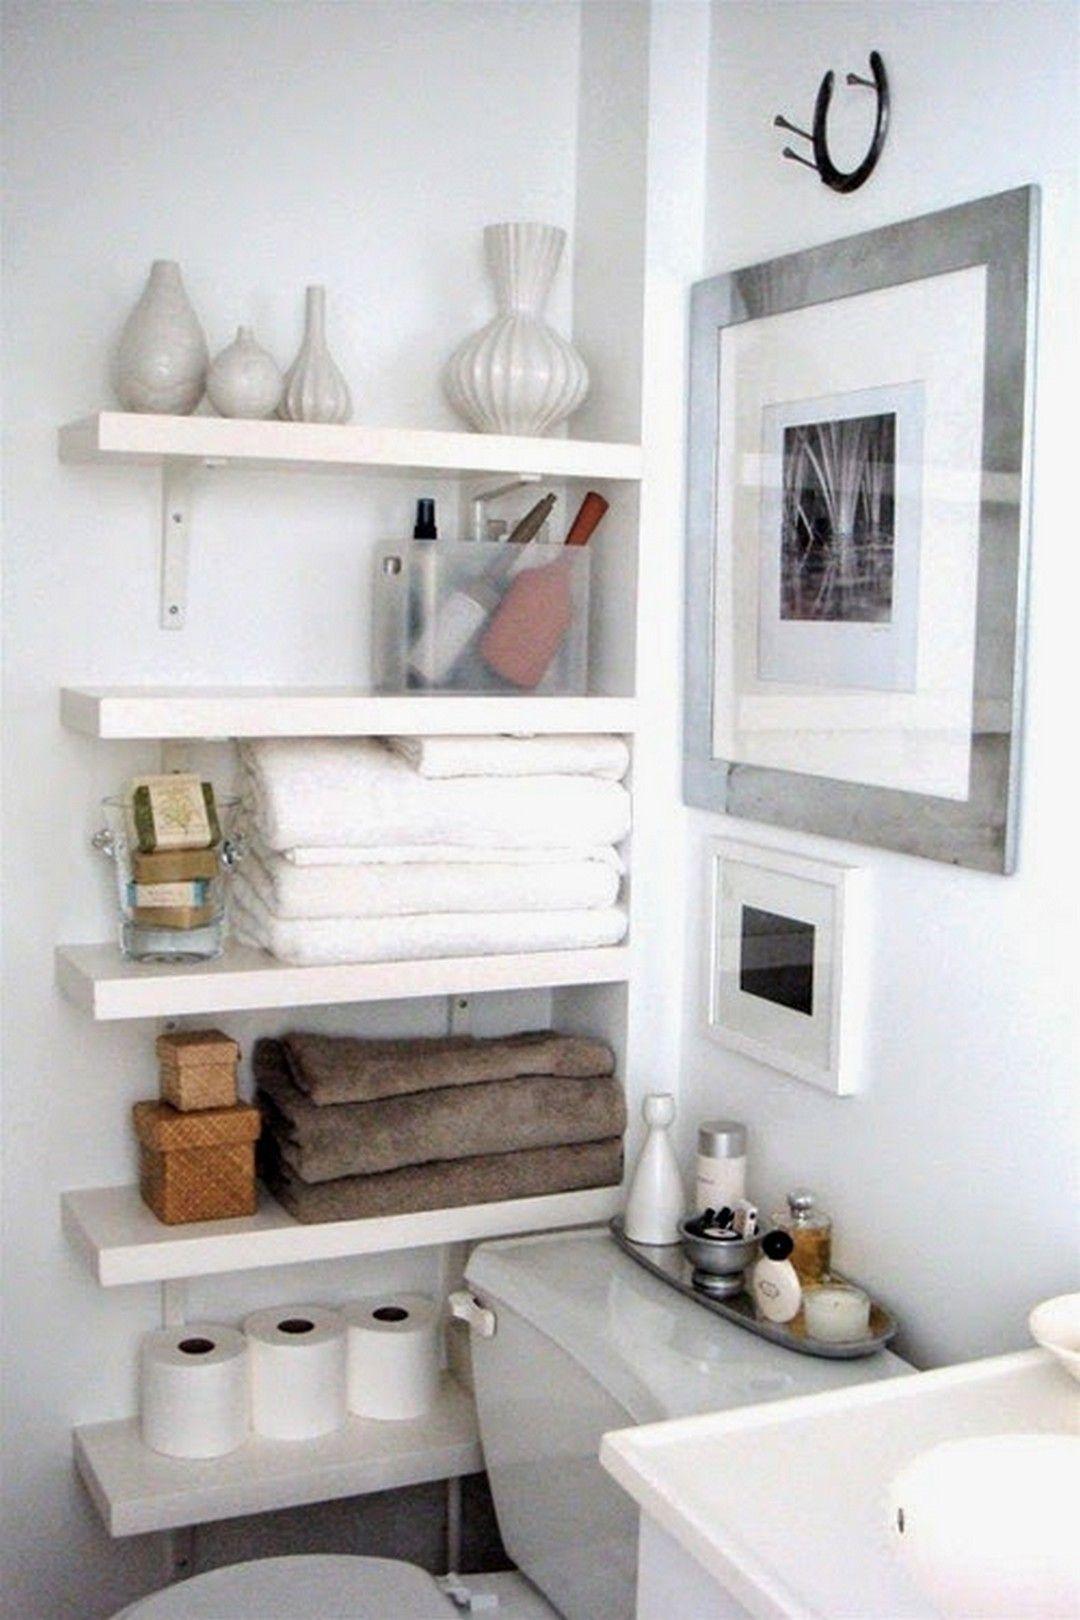 Amazing 47 Efficient Small Bathroom Storage Organization Ideas  Https://toparchitecture.net/